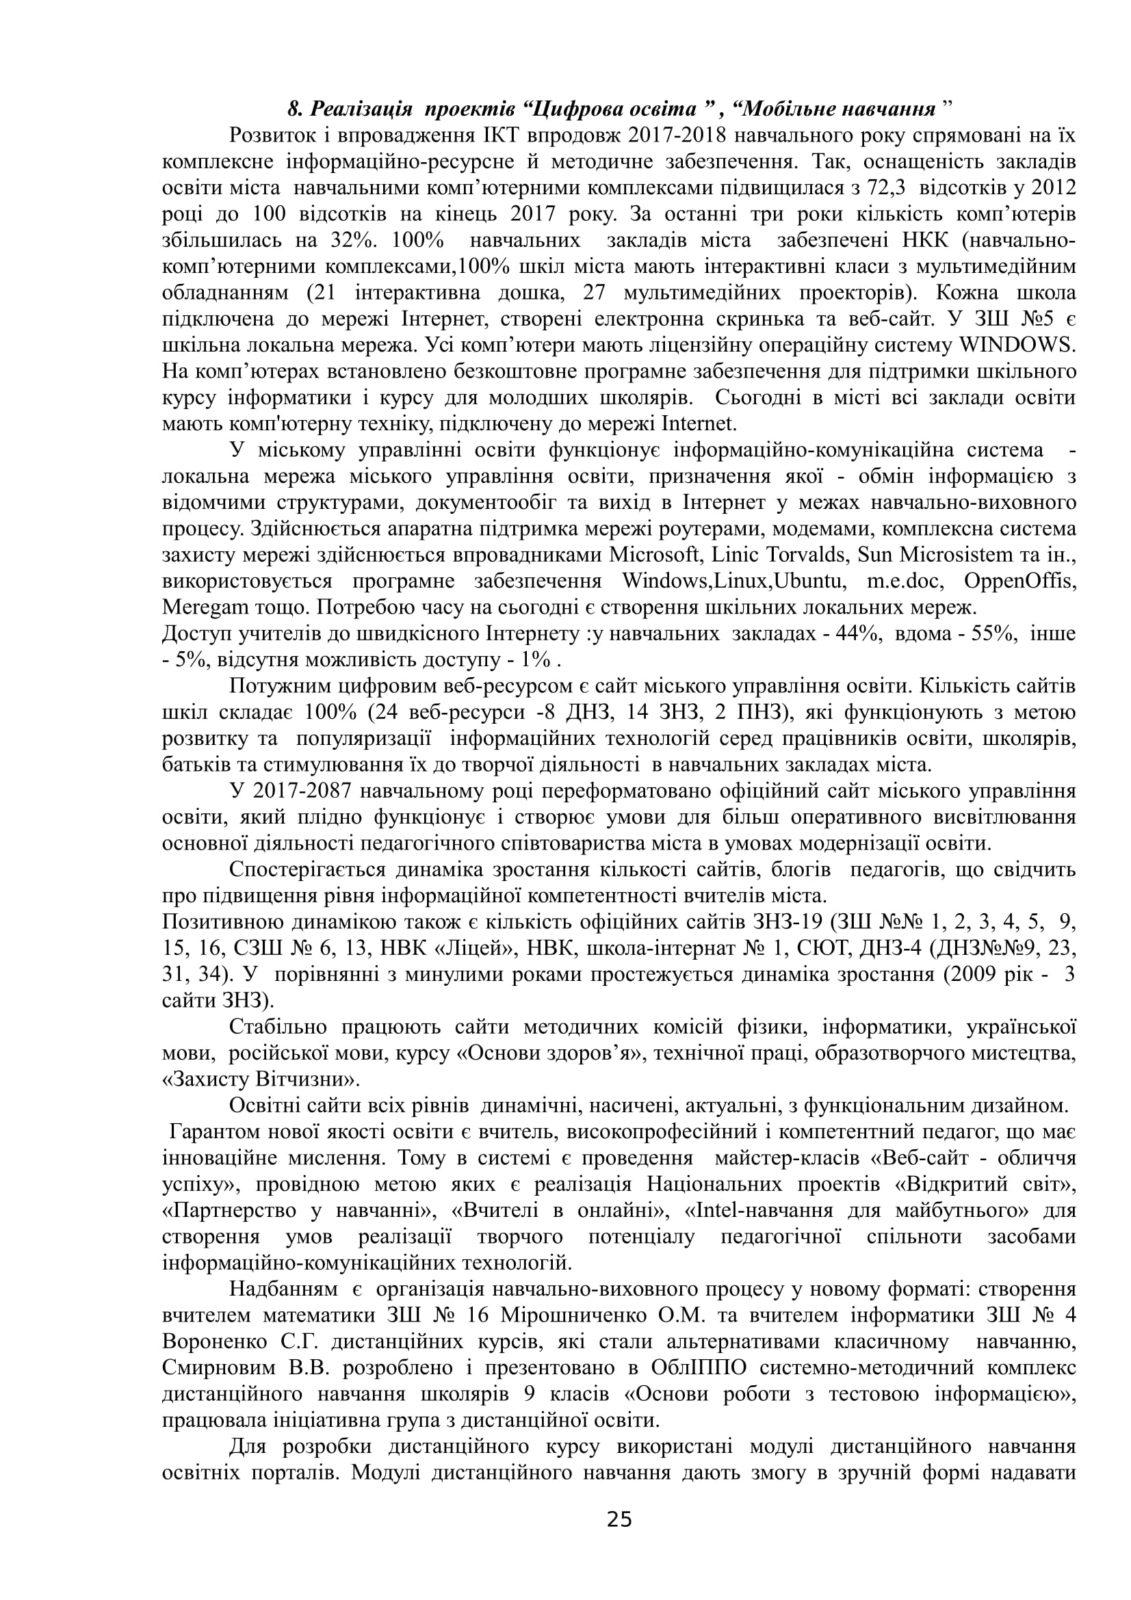 Костянтинівка 2018-2019 - ММК план роботи-26